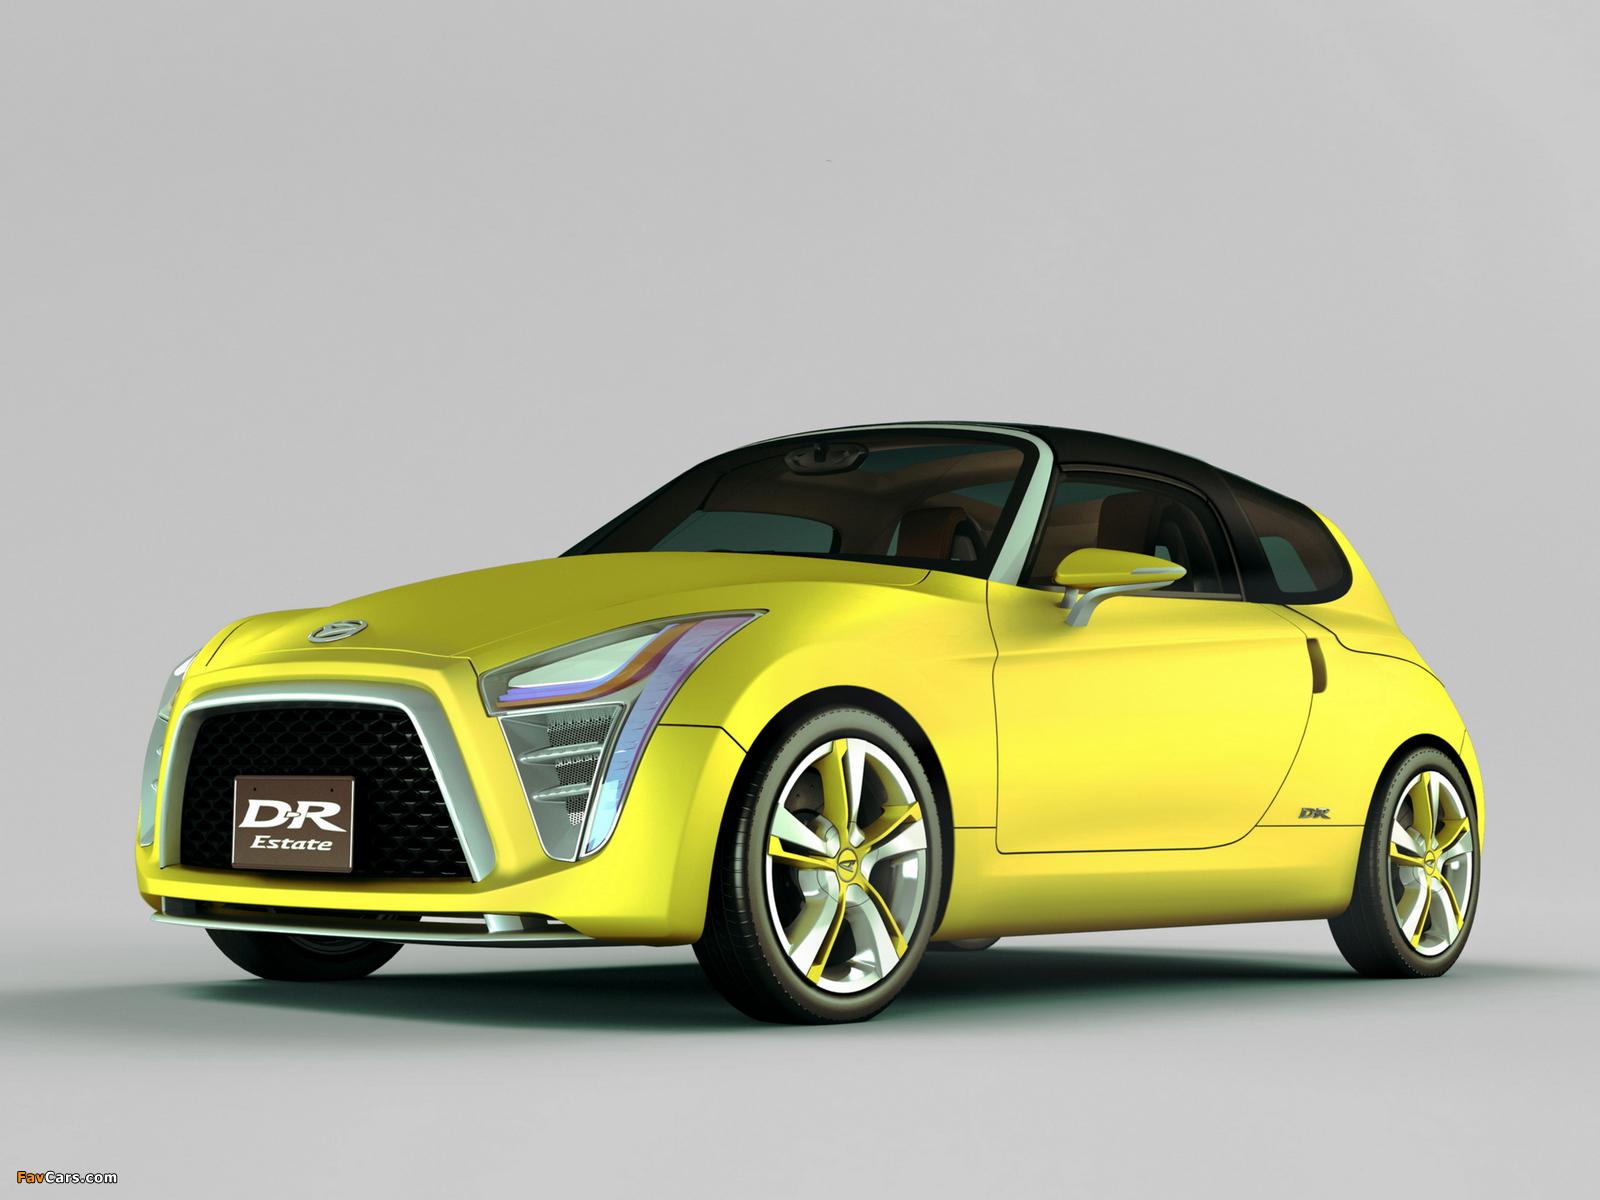 Daihatsu D-R Estate Concept 2013 photos (1600 x 1200)